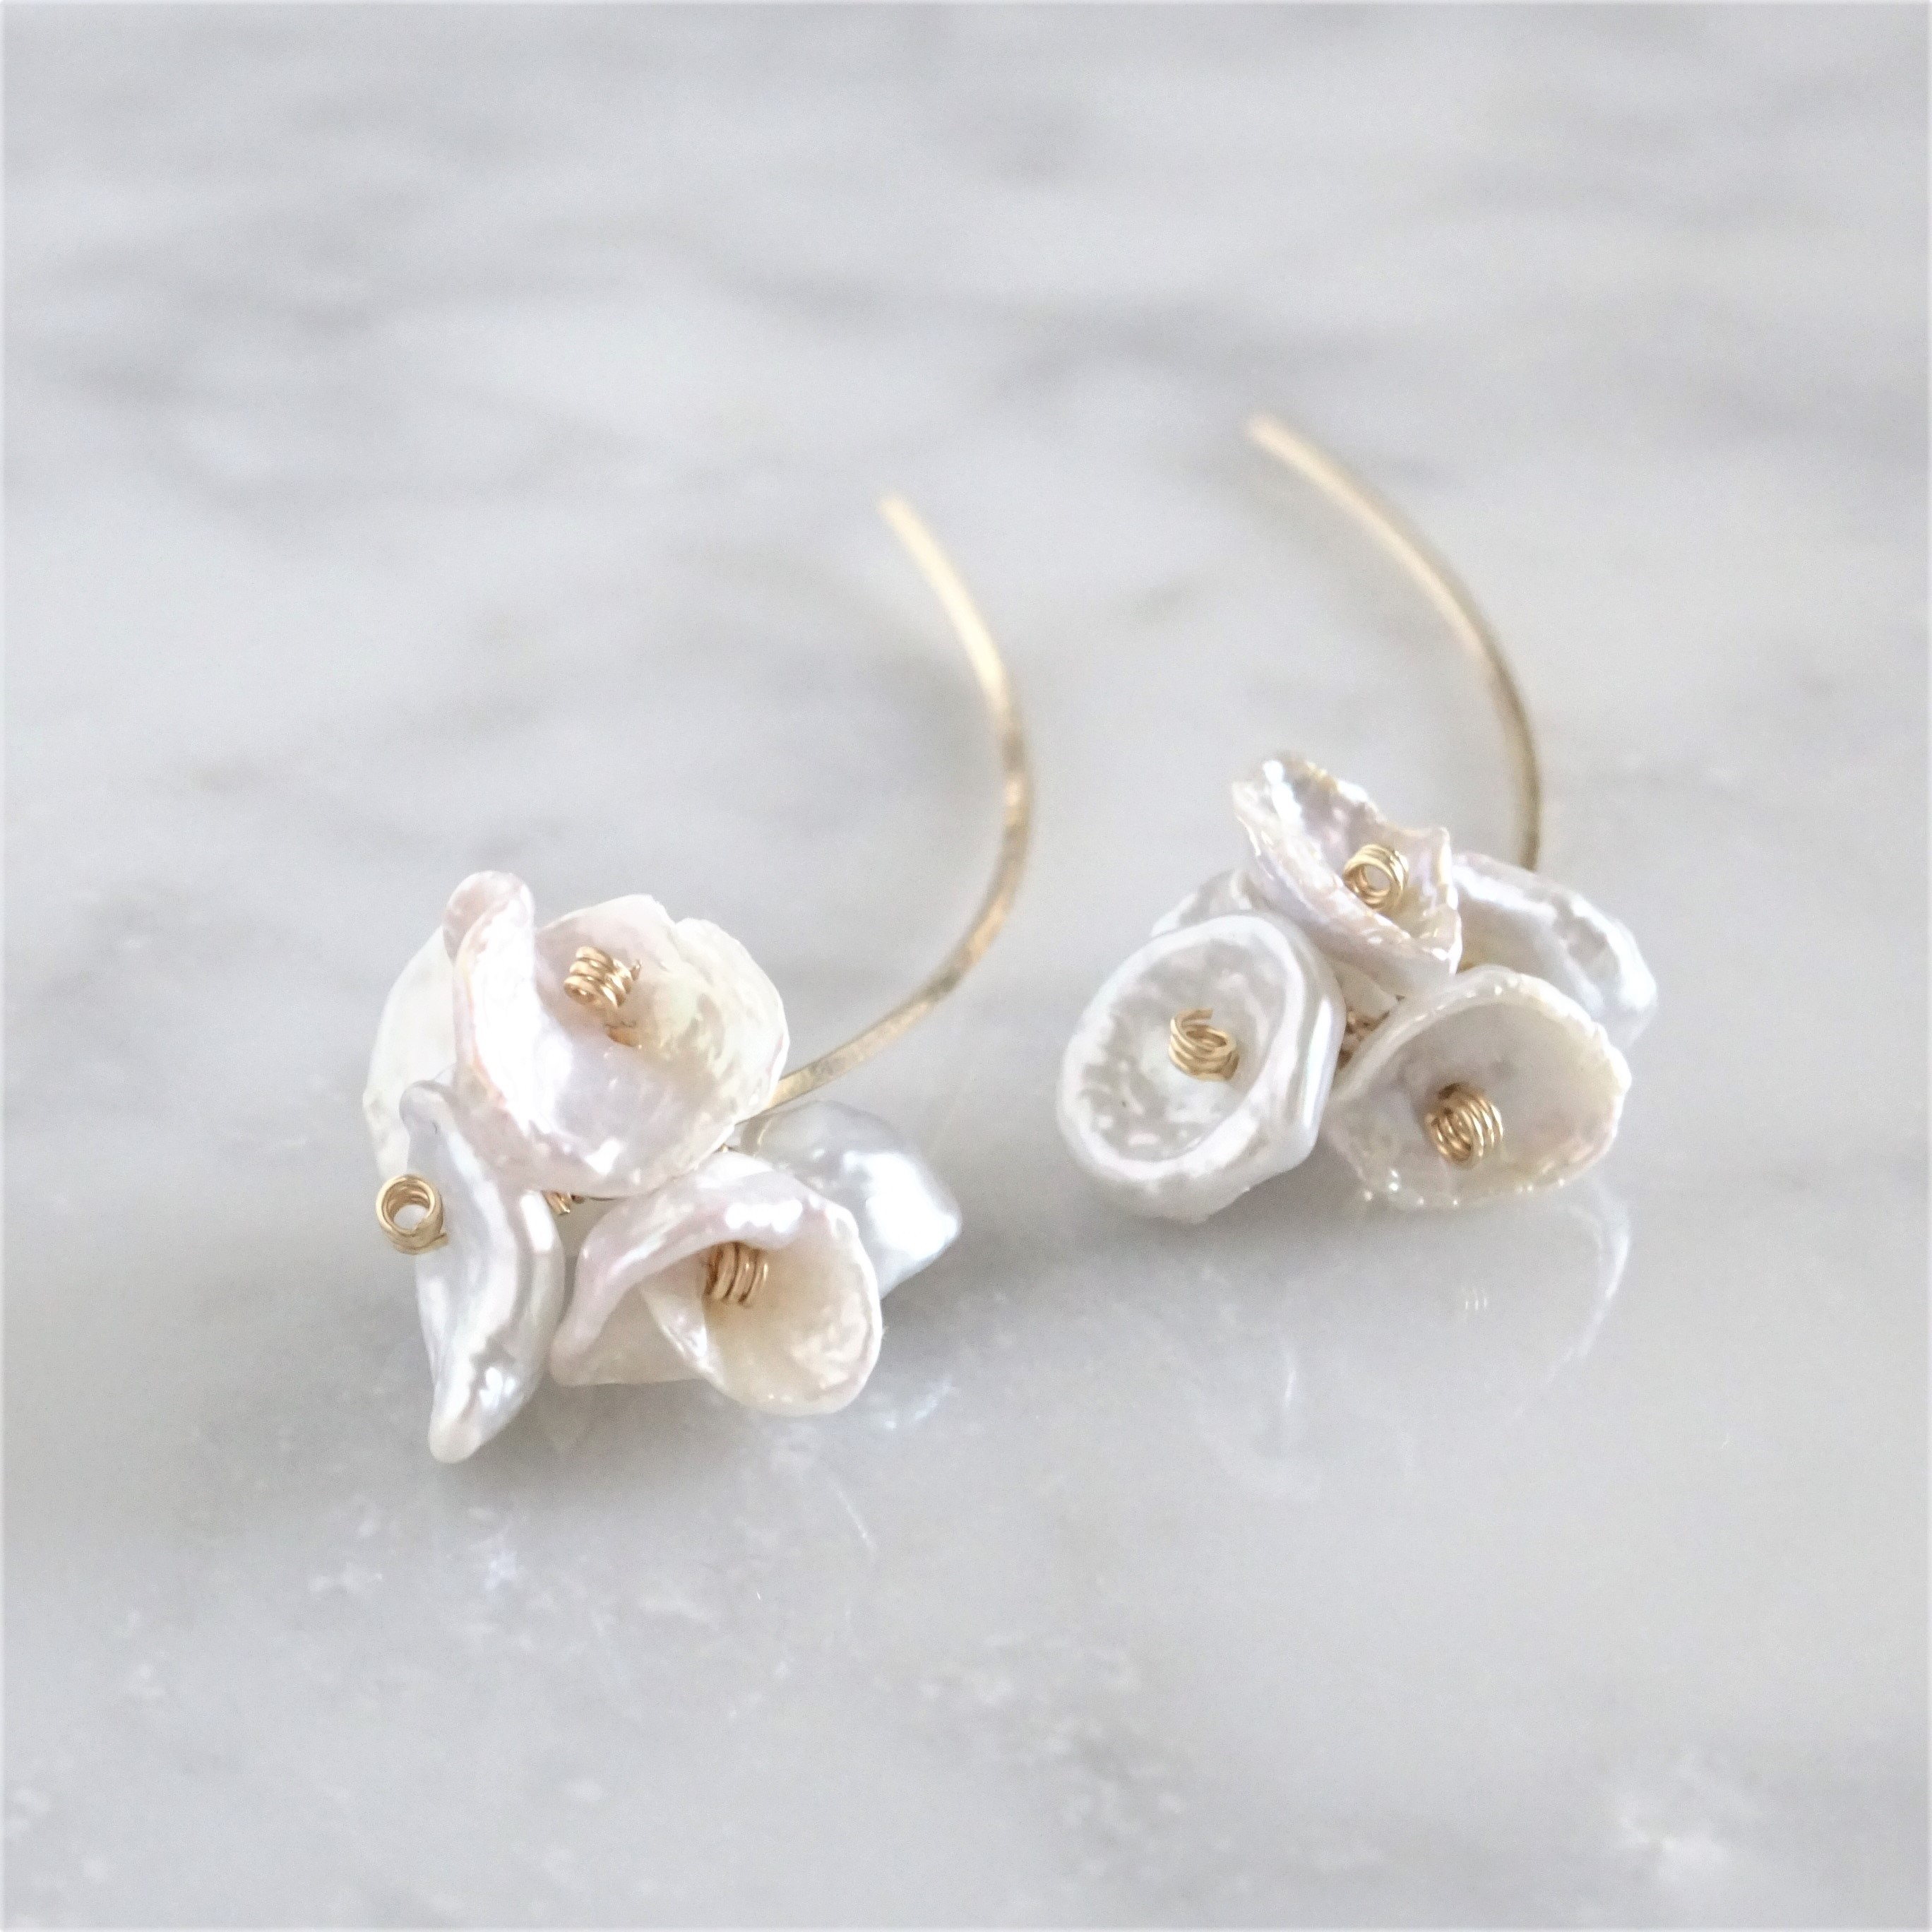 14kgf*Freshwater pearls bloom arrow pierced earring パール